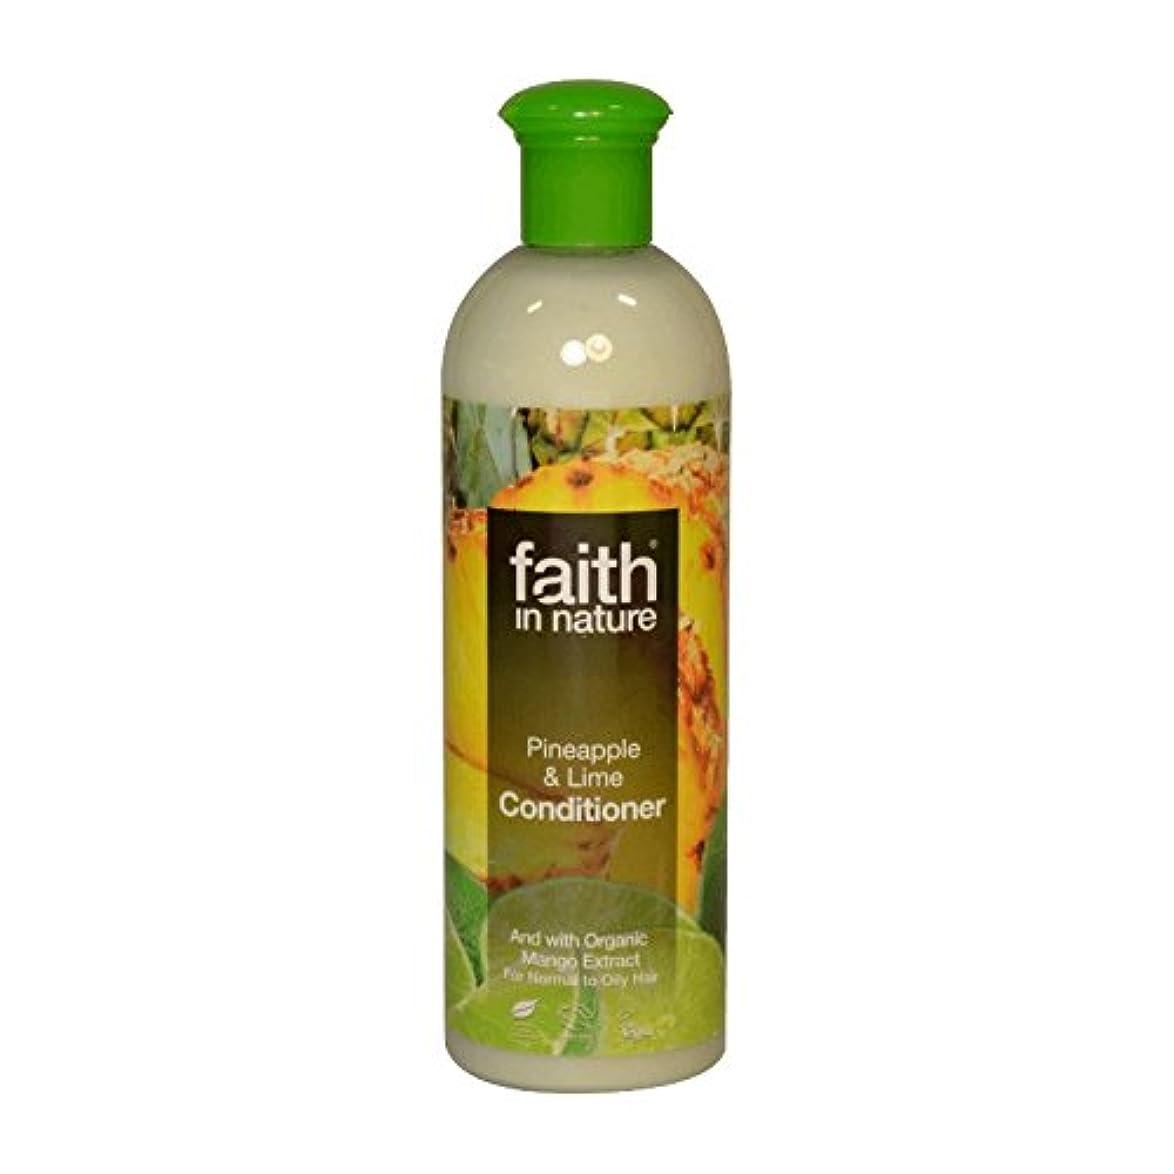 ポーン休憩魅力自然パイナップル&ライムコンディショナー400ミリリットルの信仰 - Faith in Nature Pineapple & Lime Conditioner 400ml (Faith in Nature) [並行輸入品]